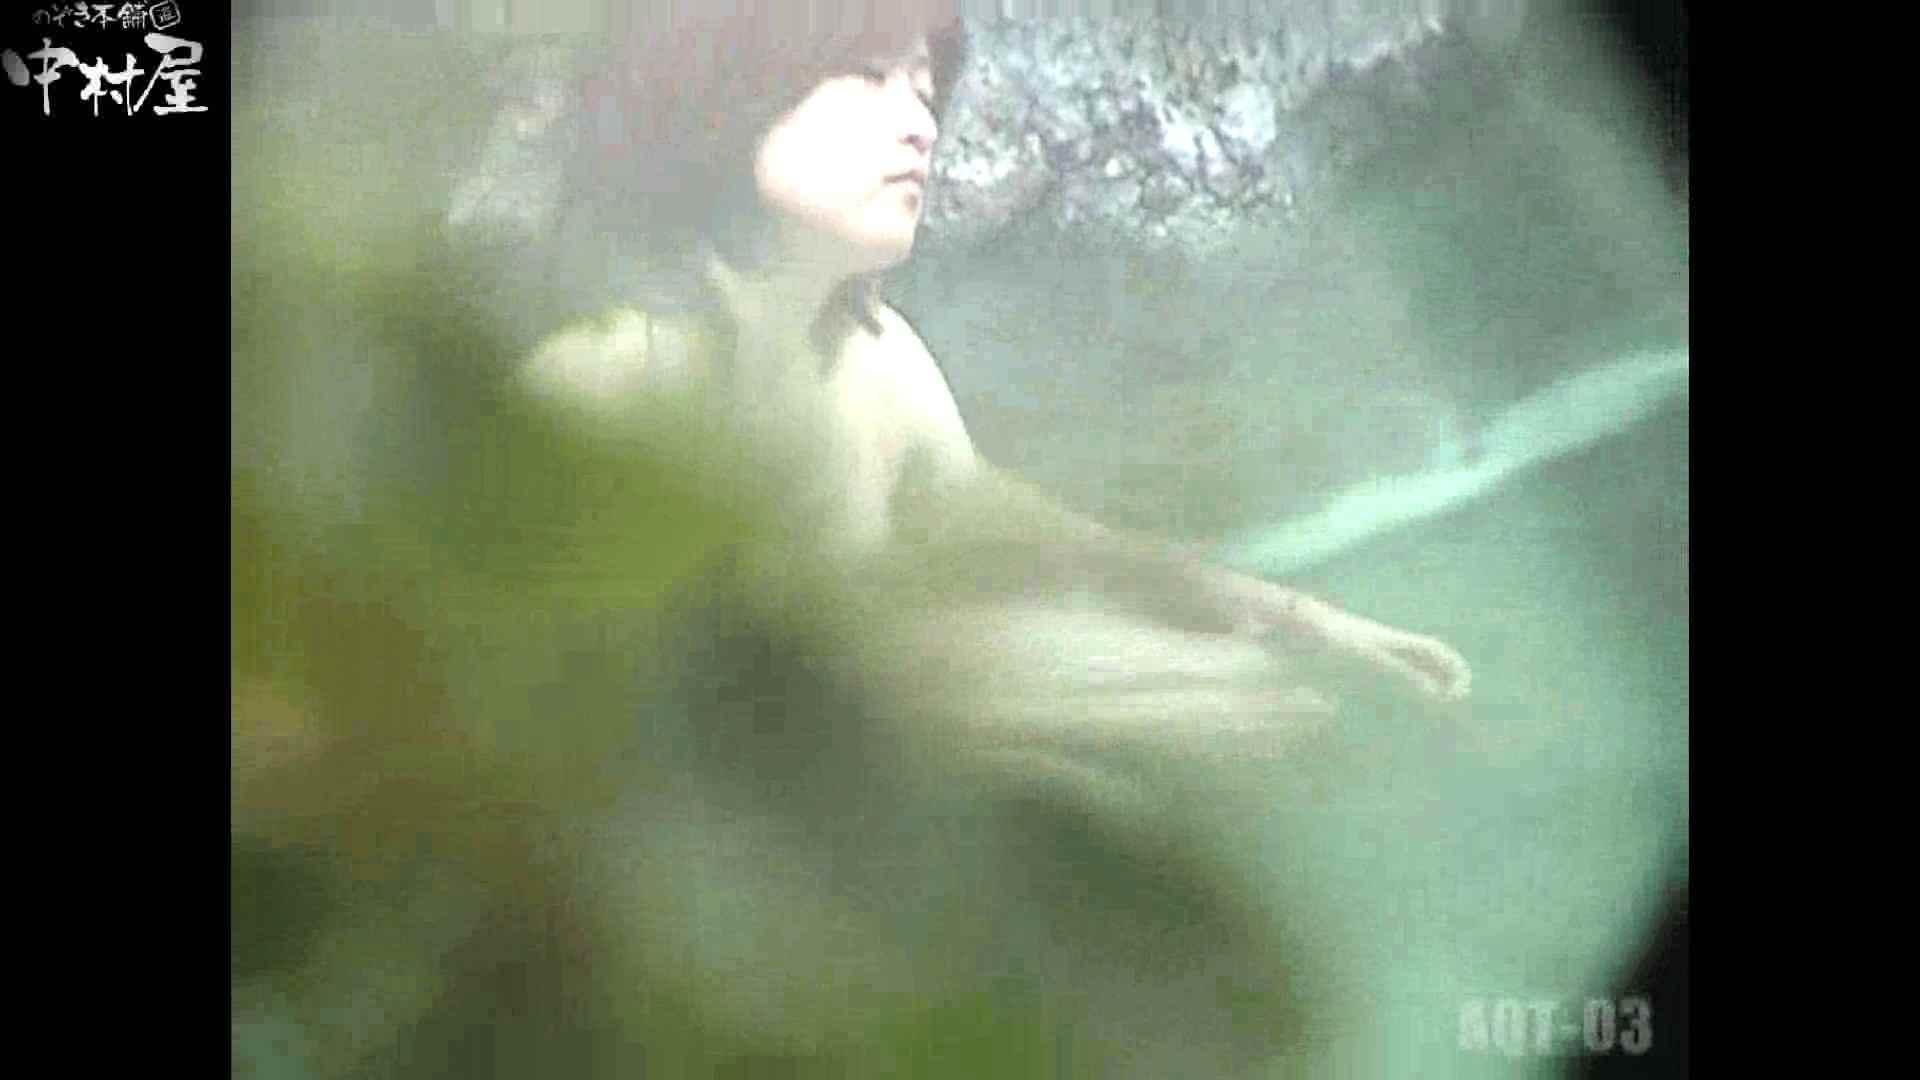 Aquaな露天風呂Vol.867潜入盗撮露天風呂参判湯 其の四